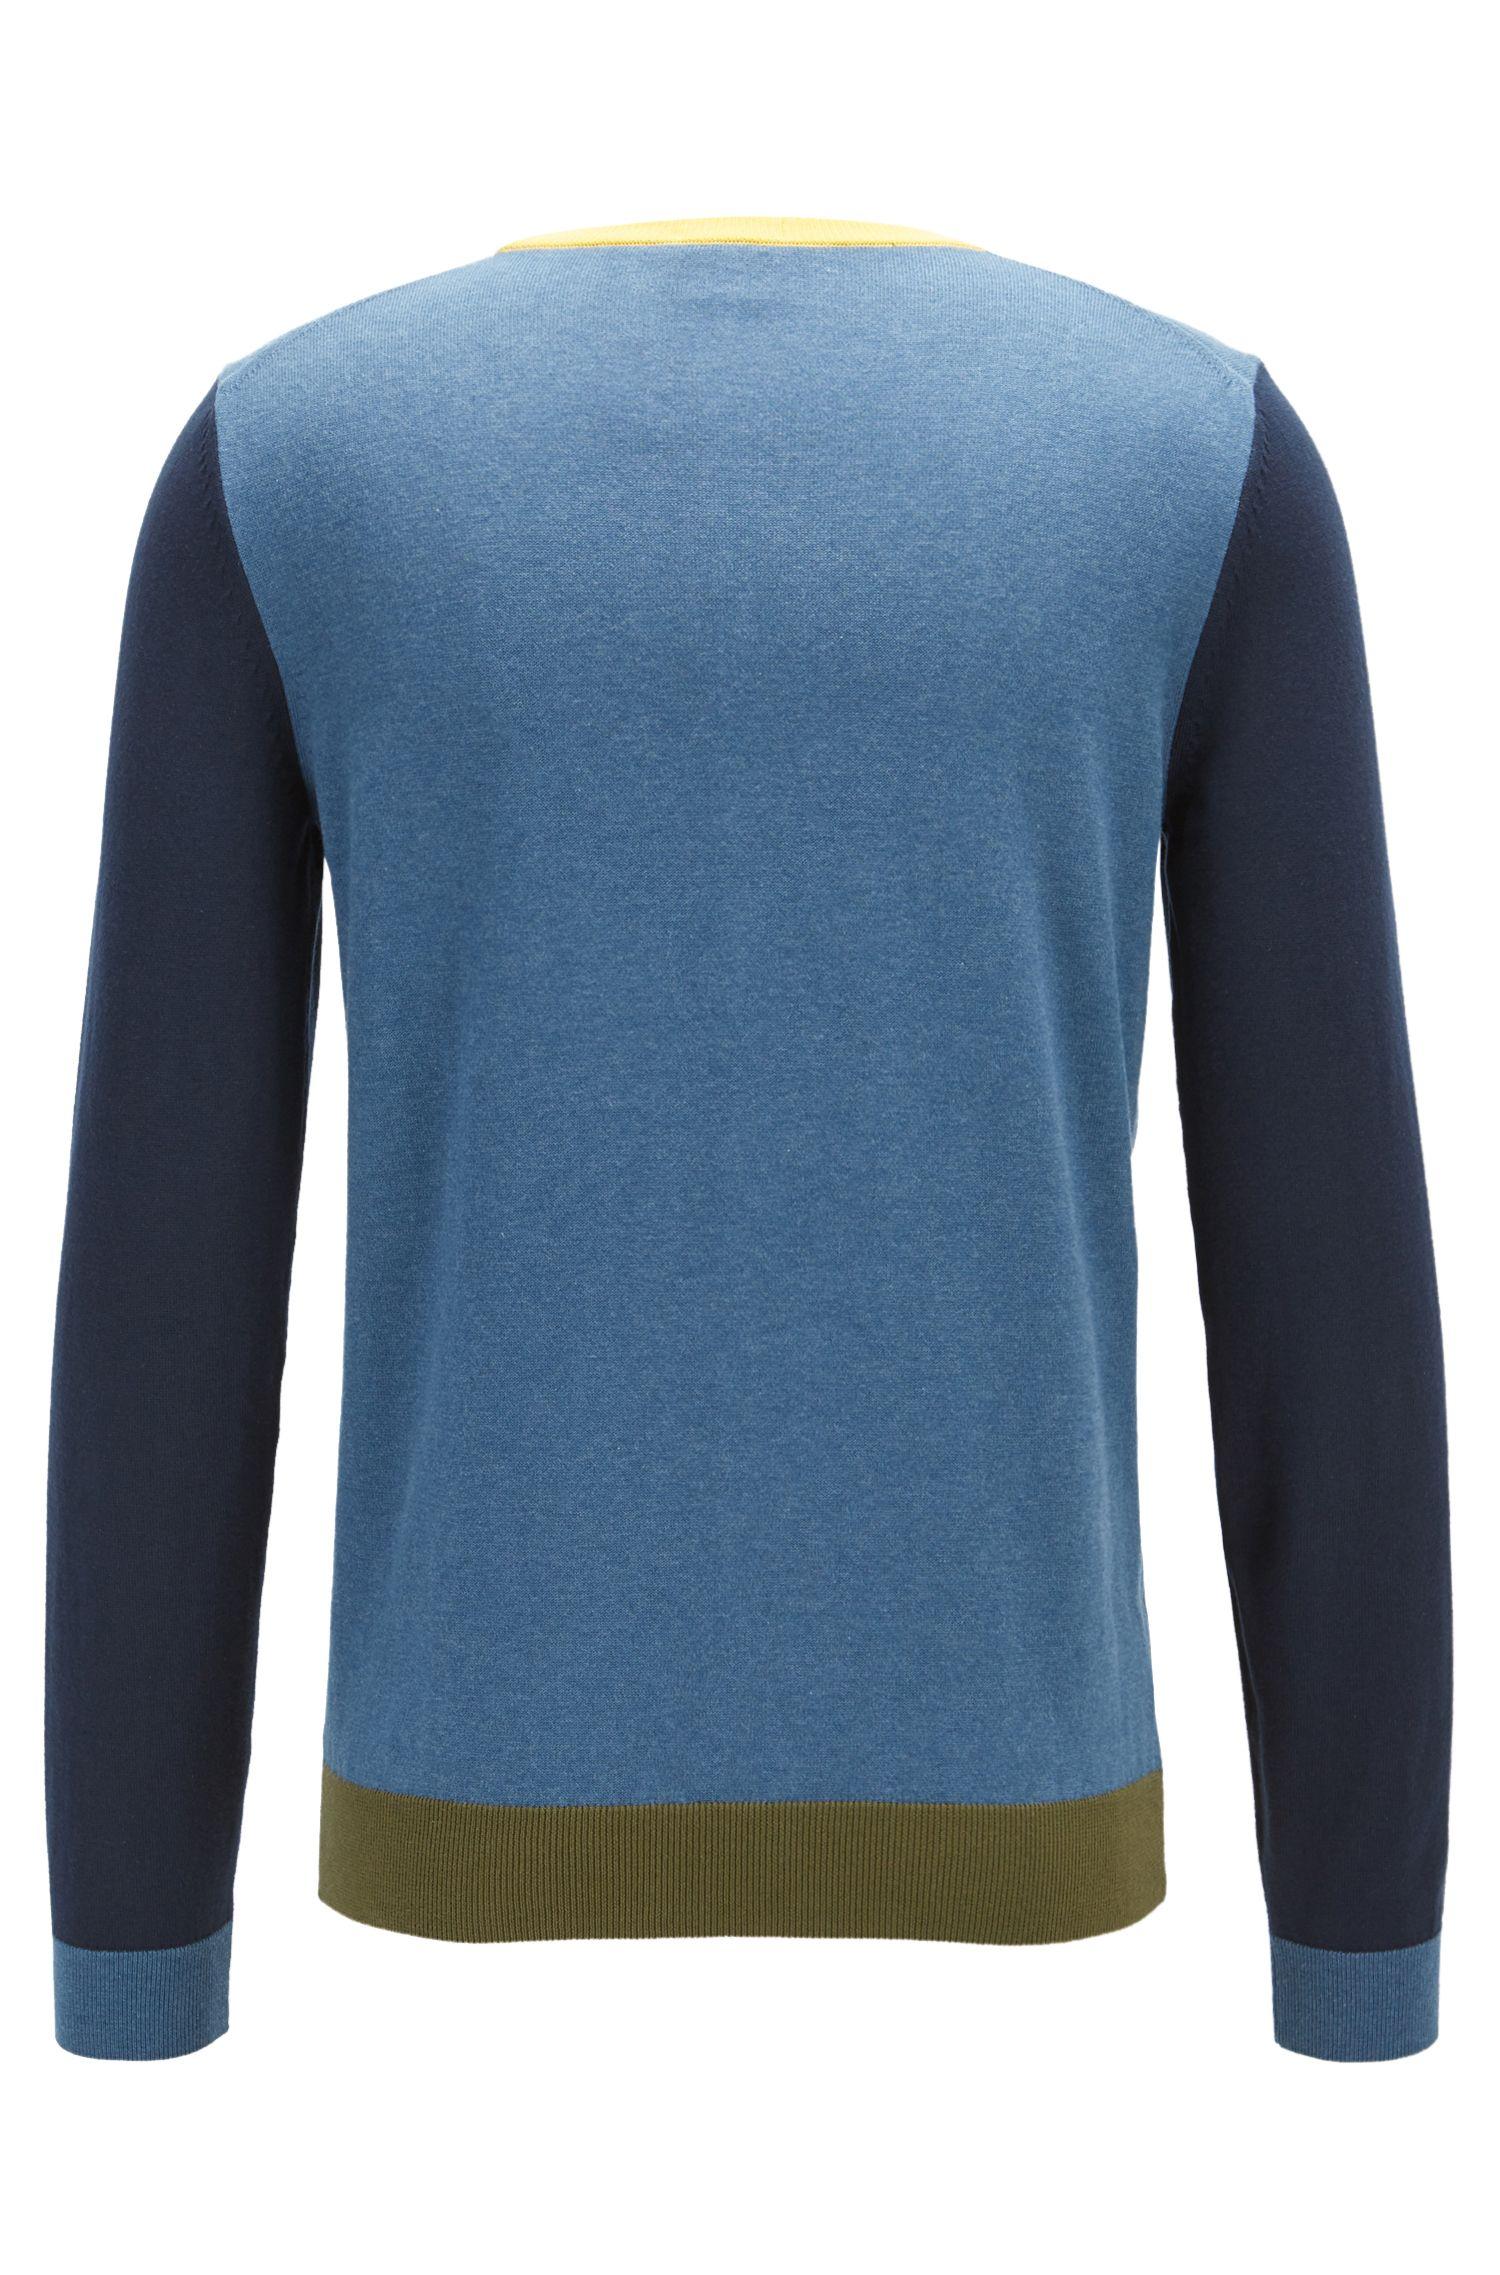 Jersey de manga larga con bloques de color en algodón egipcio